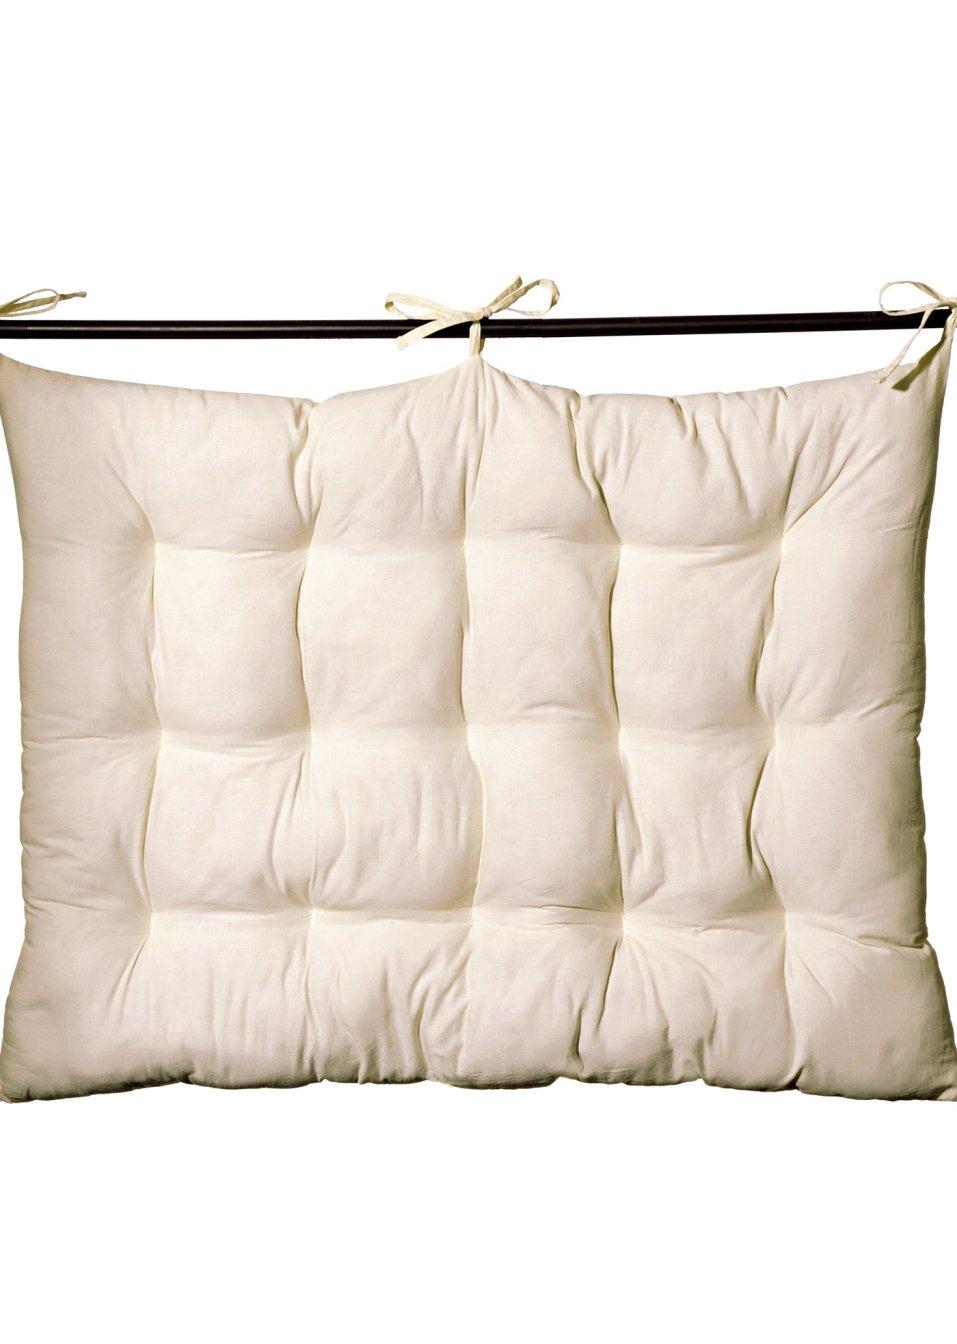 Testata letto cuscini idee per la casa for Cuscini letto ikea